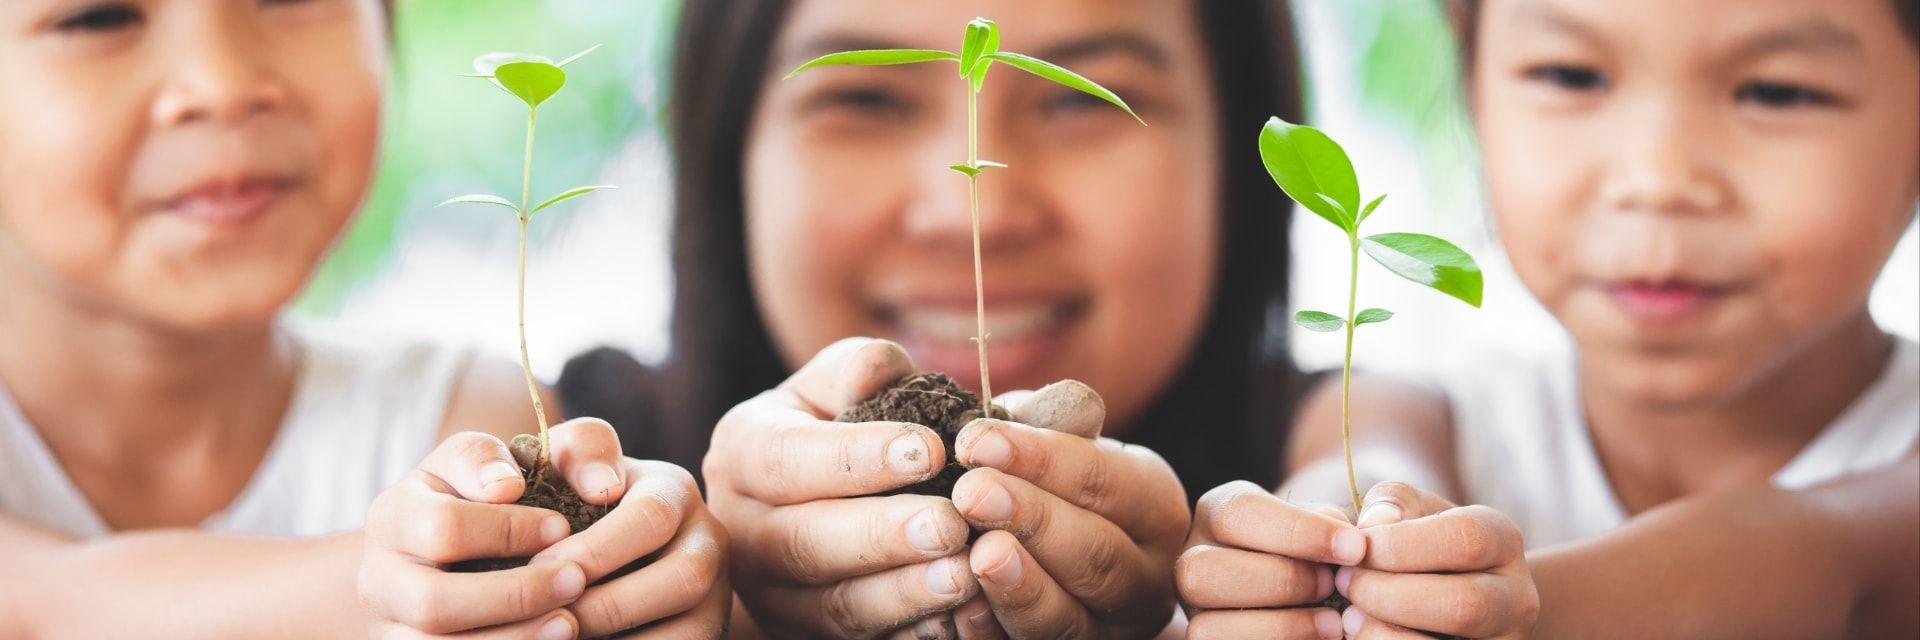 Tema Dia Mundial De La Alimentacion Organizacion De Las Naciones Unidas Para La Alimentacion Y La Agricultura